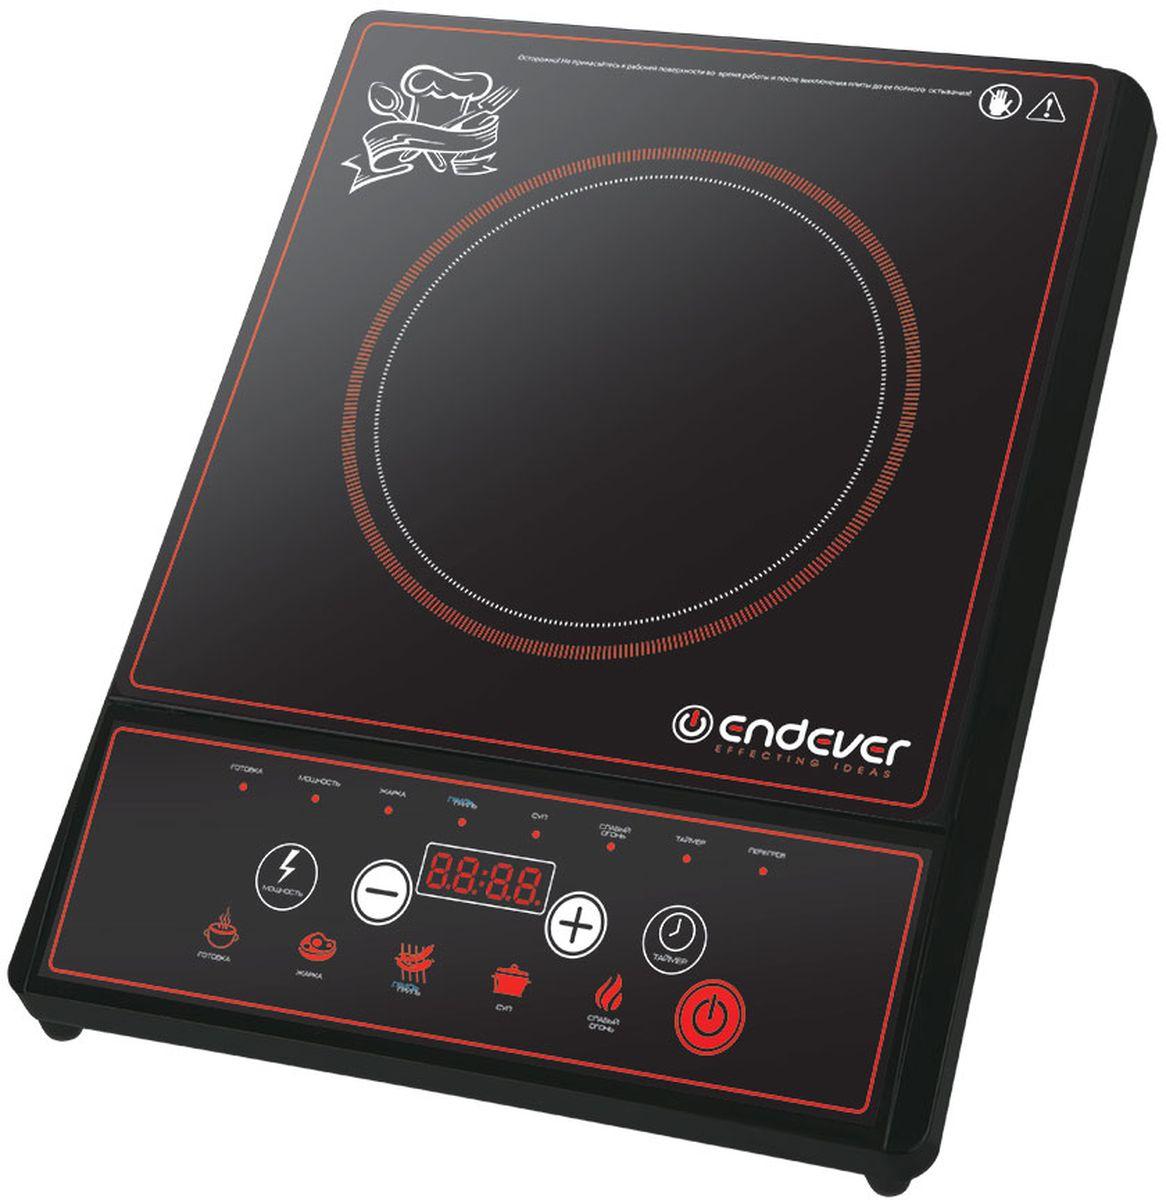 Endever SkyLine DP-40 настольная плитаDP 40Компактная электрическая плитка Endever SkyLine DP-40 отлично подойдет для дачи или офиса. Панель управления оснащена LED-дисплеем и набором клавиш, с помощью которых можно легко выставить необходимый режим работы, задать время и температуру приготовления. В памяти плиты заложено 5 стандартных режимов нагрева. Данная модель защищена от скачков напряжения и перегрева. А идеально гладкая поверхность позволит легко отчистить ее от брызг и прочих загрязнений. Таймер включения с интервалом до 24 часов LED - дисплей Размер варочной панели: 26 x 26 см Программы: готовка, жарка, гриль, суп, слабый огонь